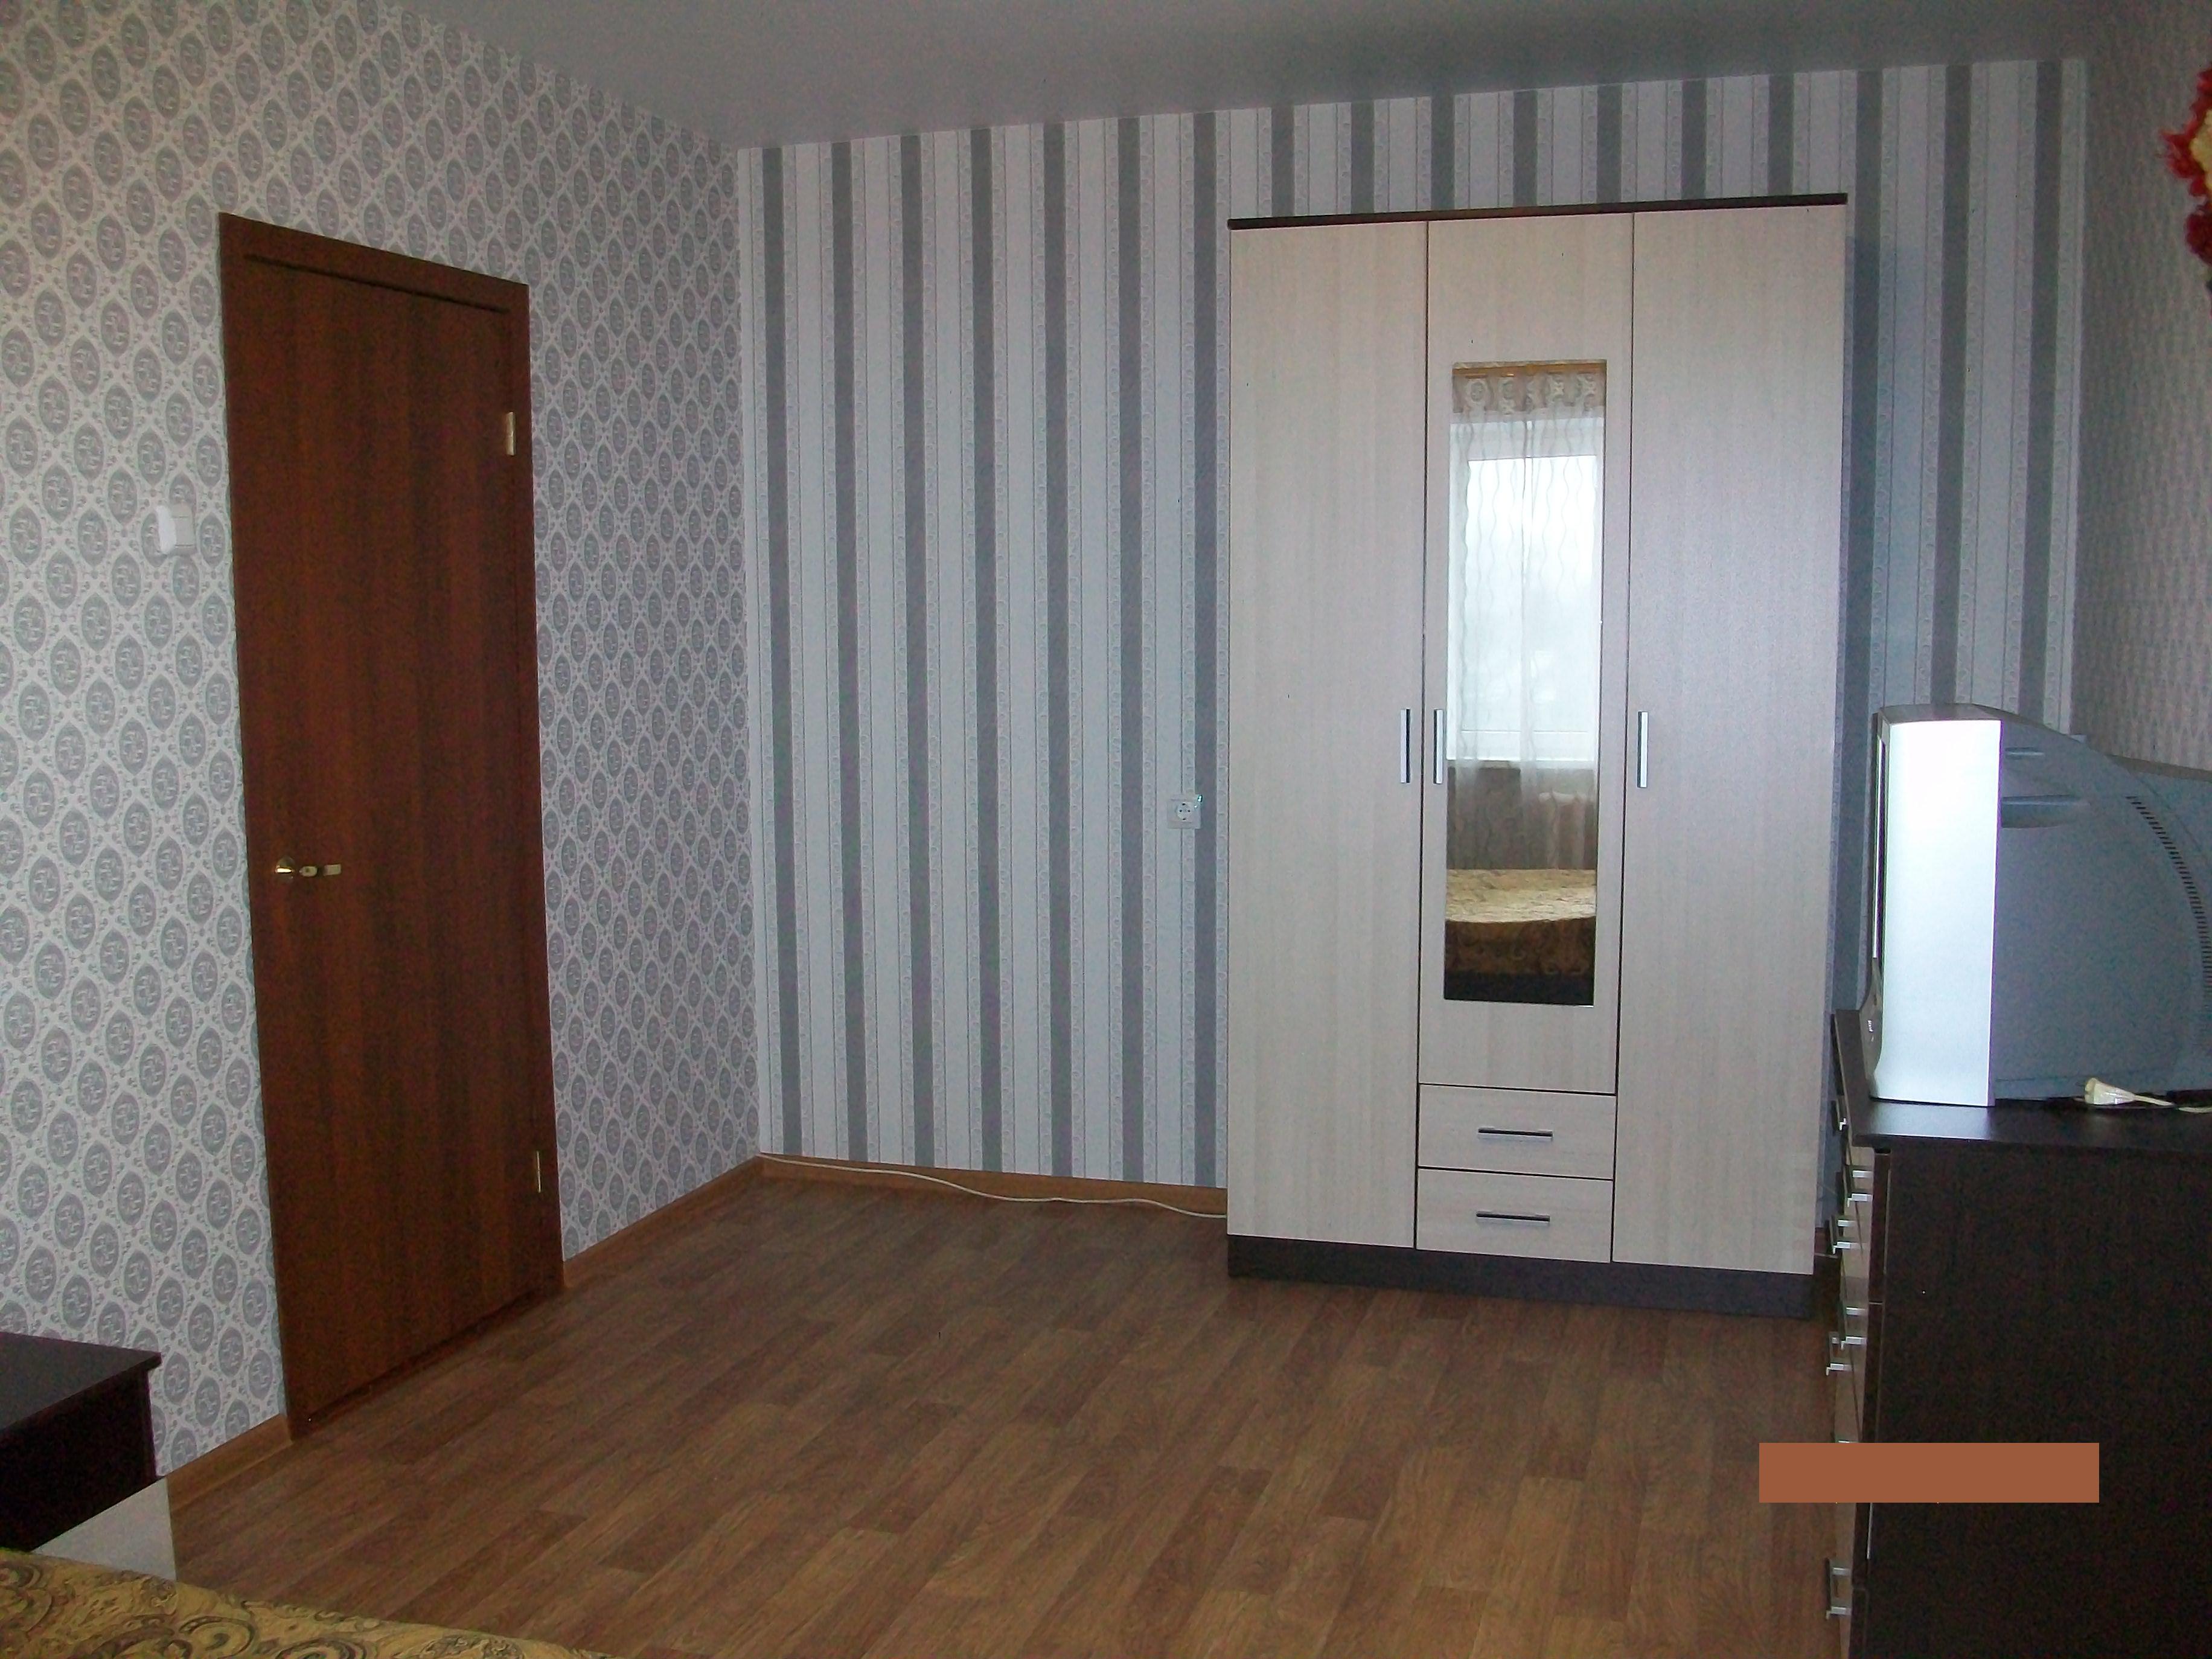 Однокомнатная квартира - ул. Петрова, д. 2